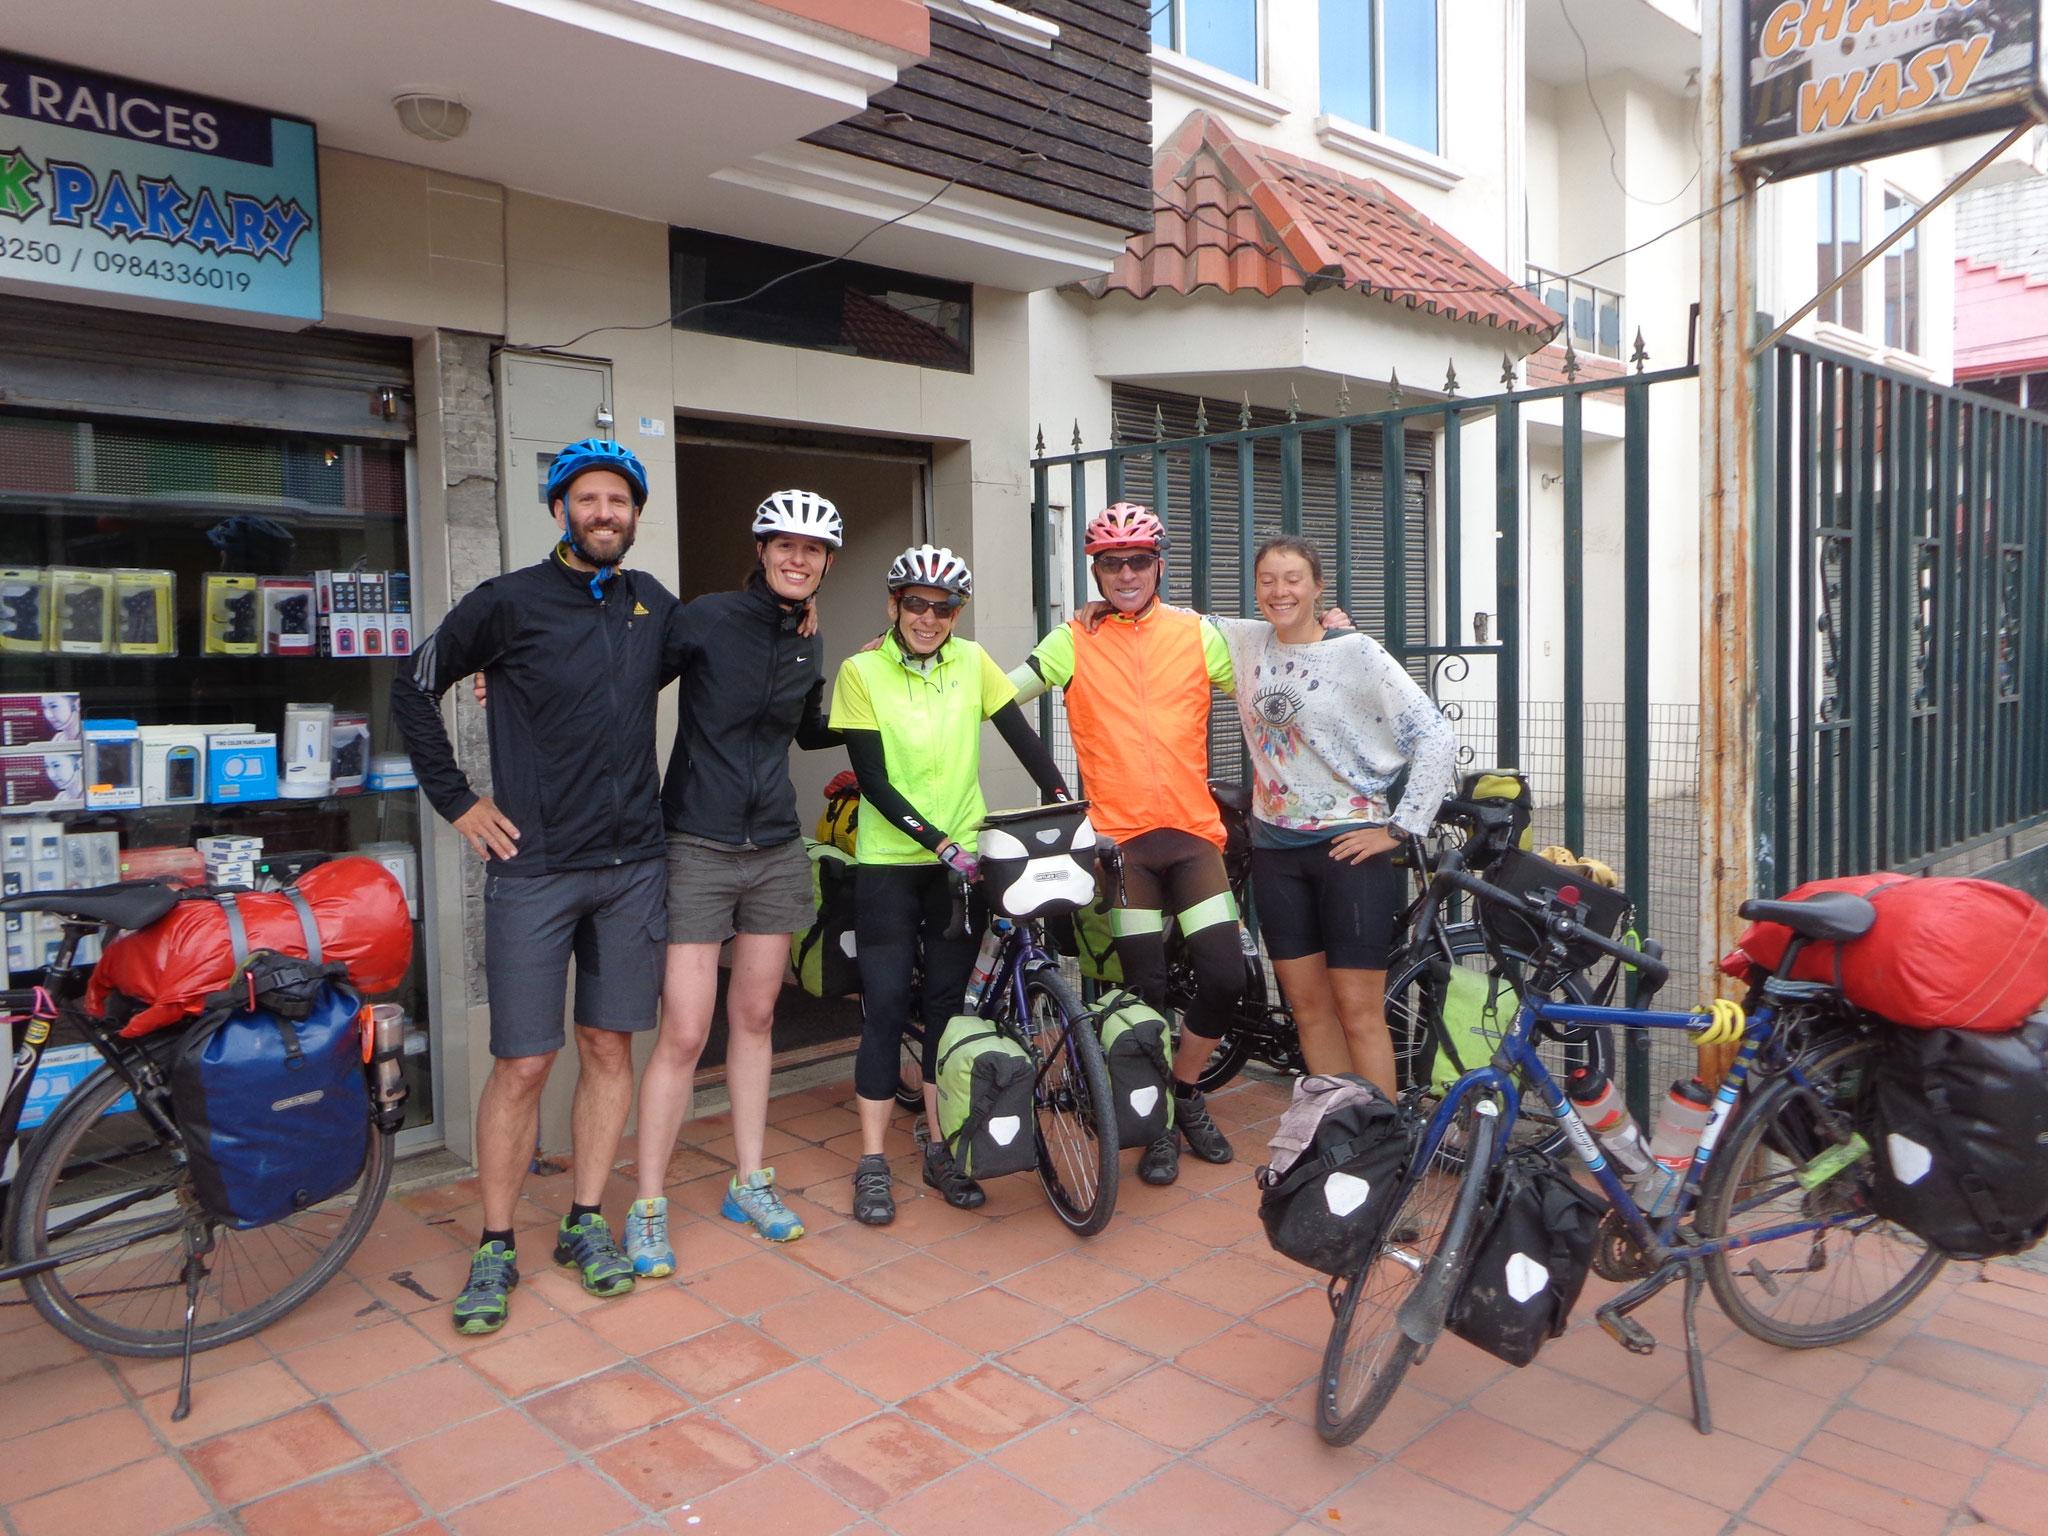 Rencontre avec un autre couple de cyclistes australiens